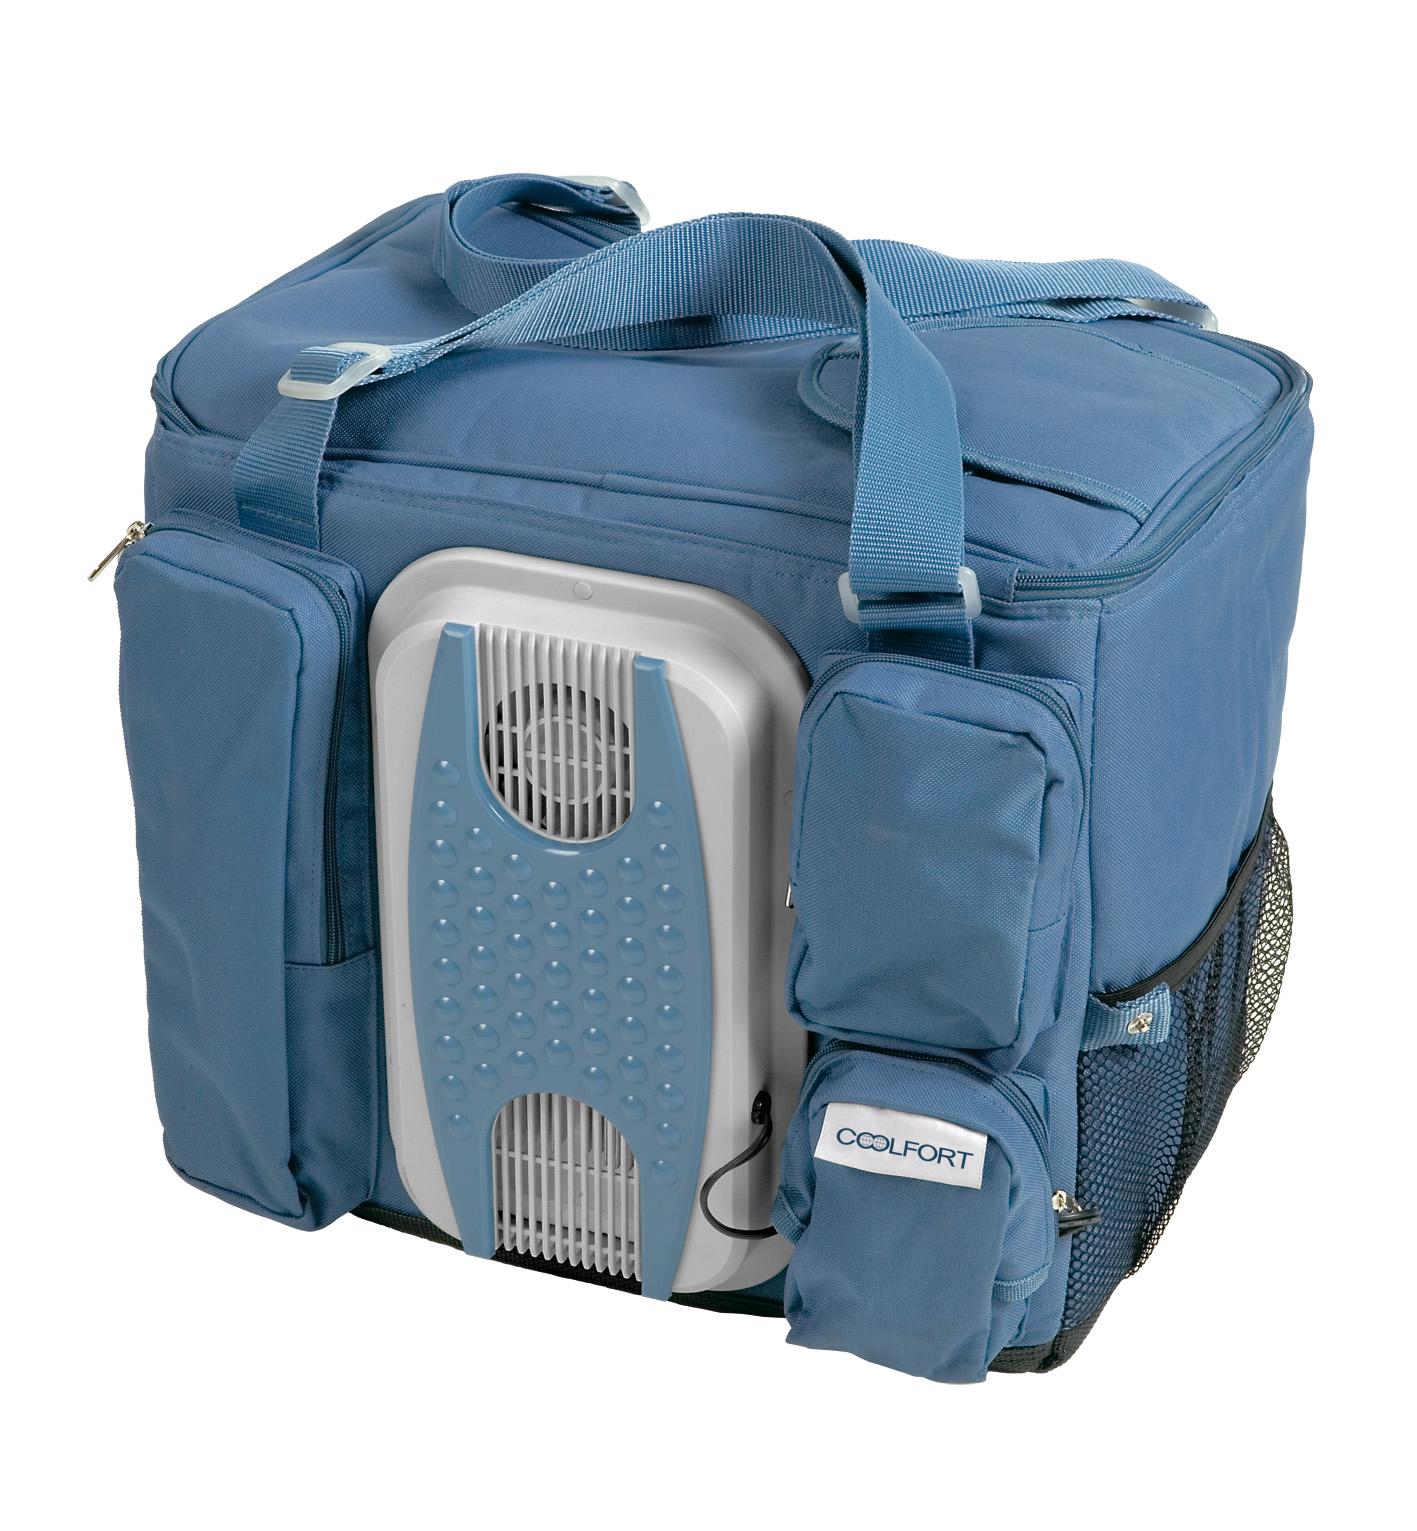 Автохолодильник Coolfort голубой